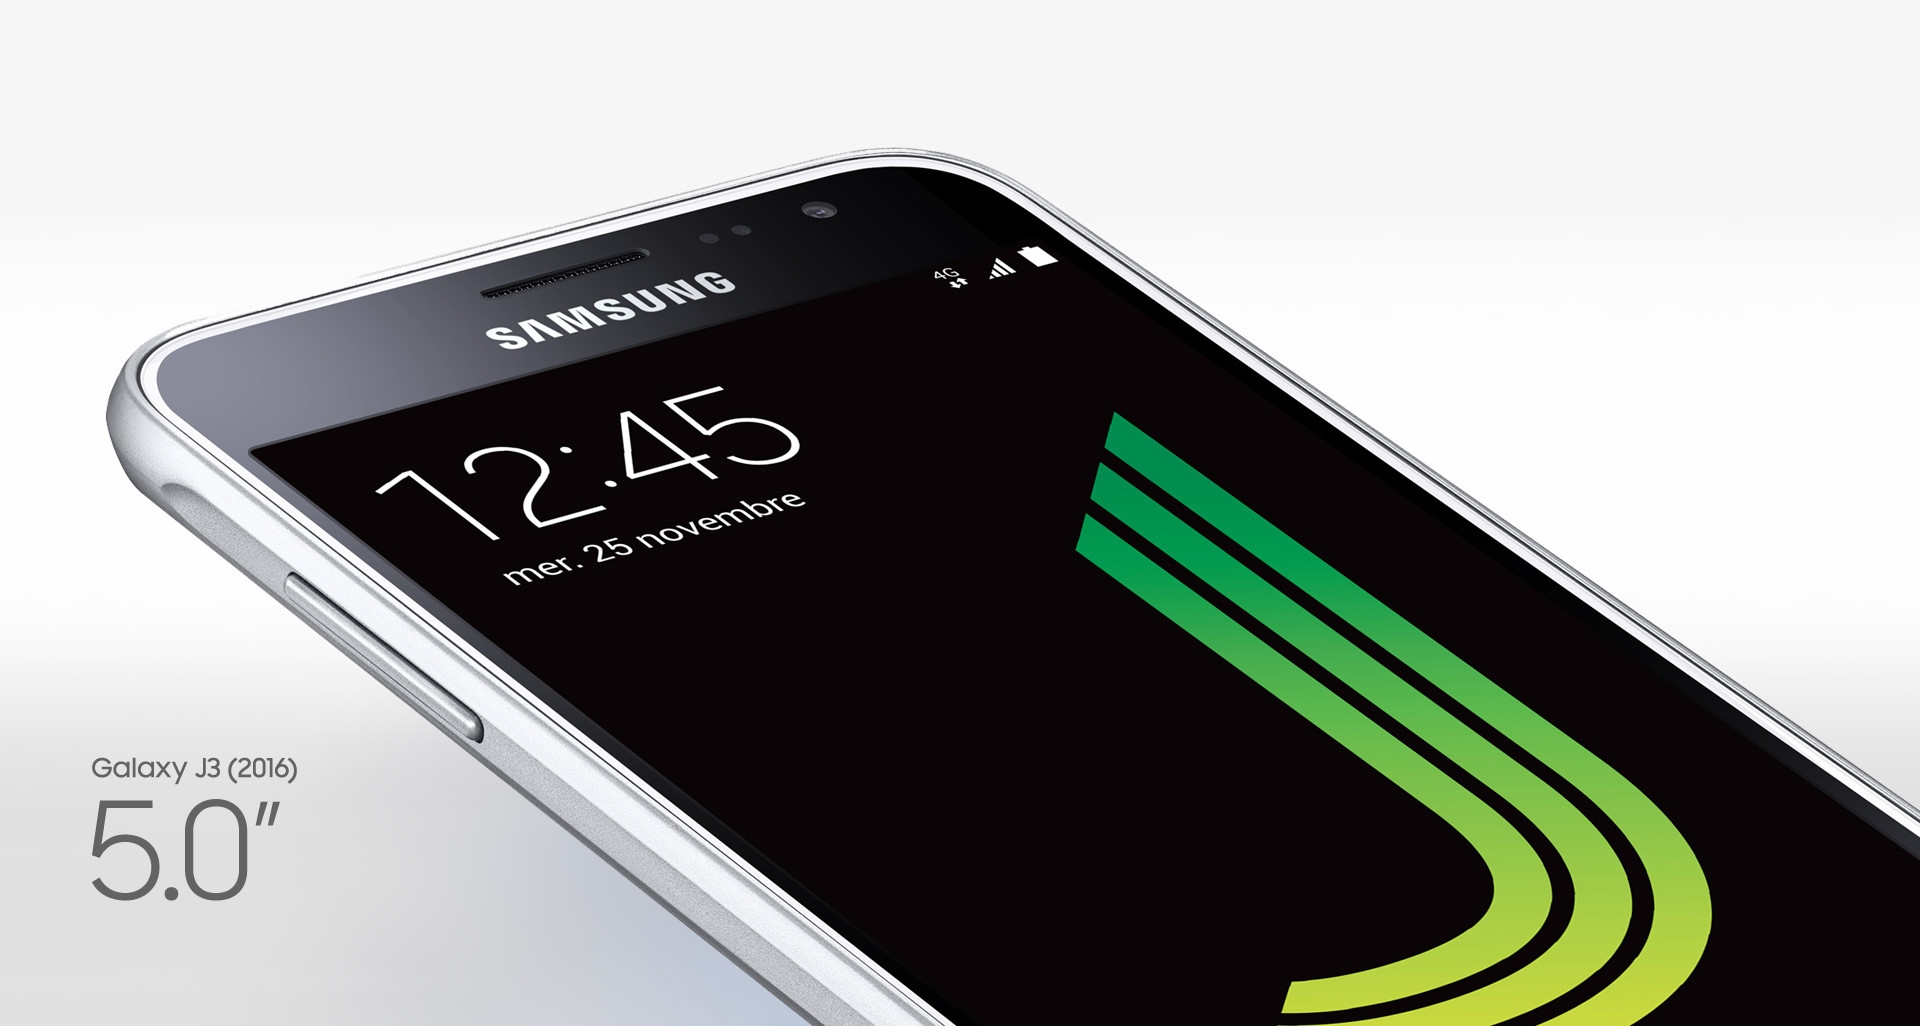 Samsung galaxy j3 prix maroc, jumia maroc